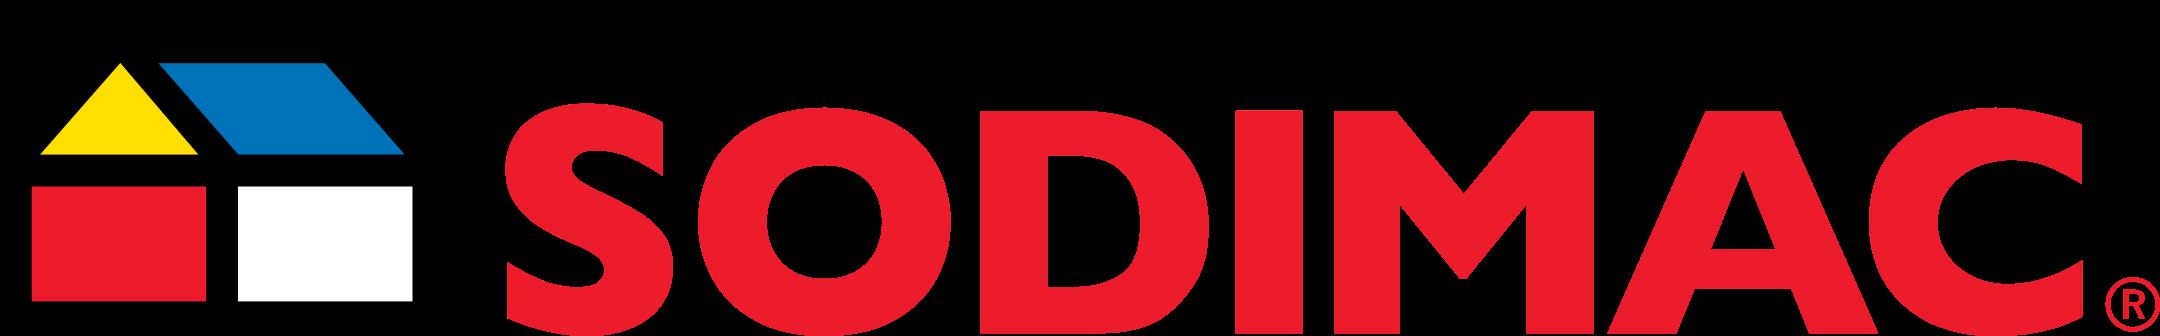 https://www.sodimac.cl/sodimac-cl/